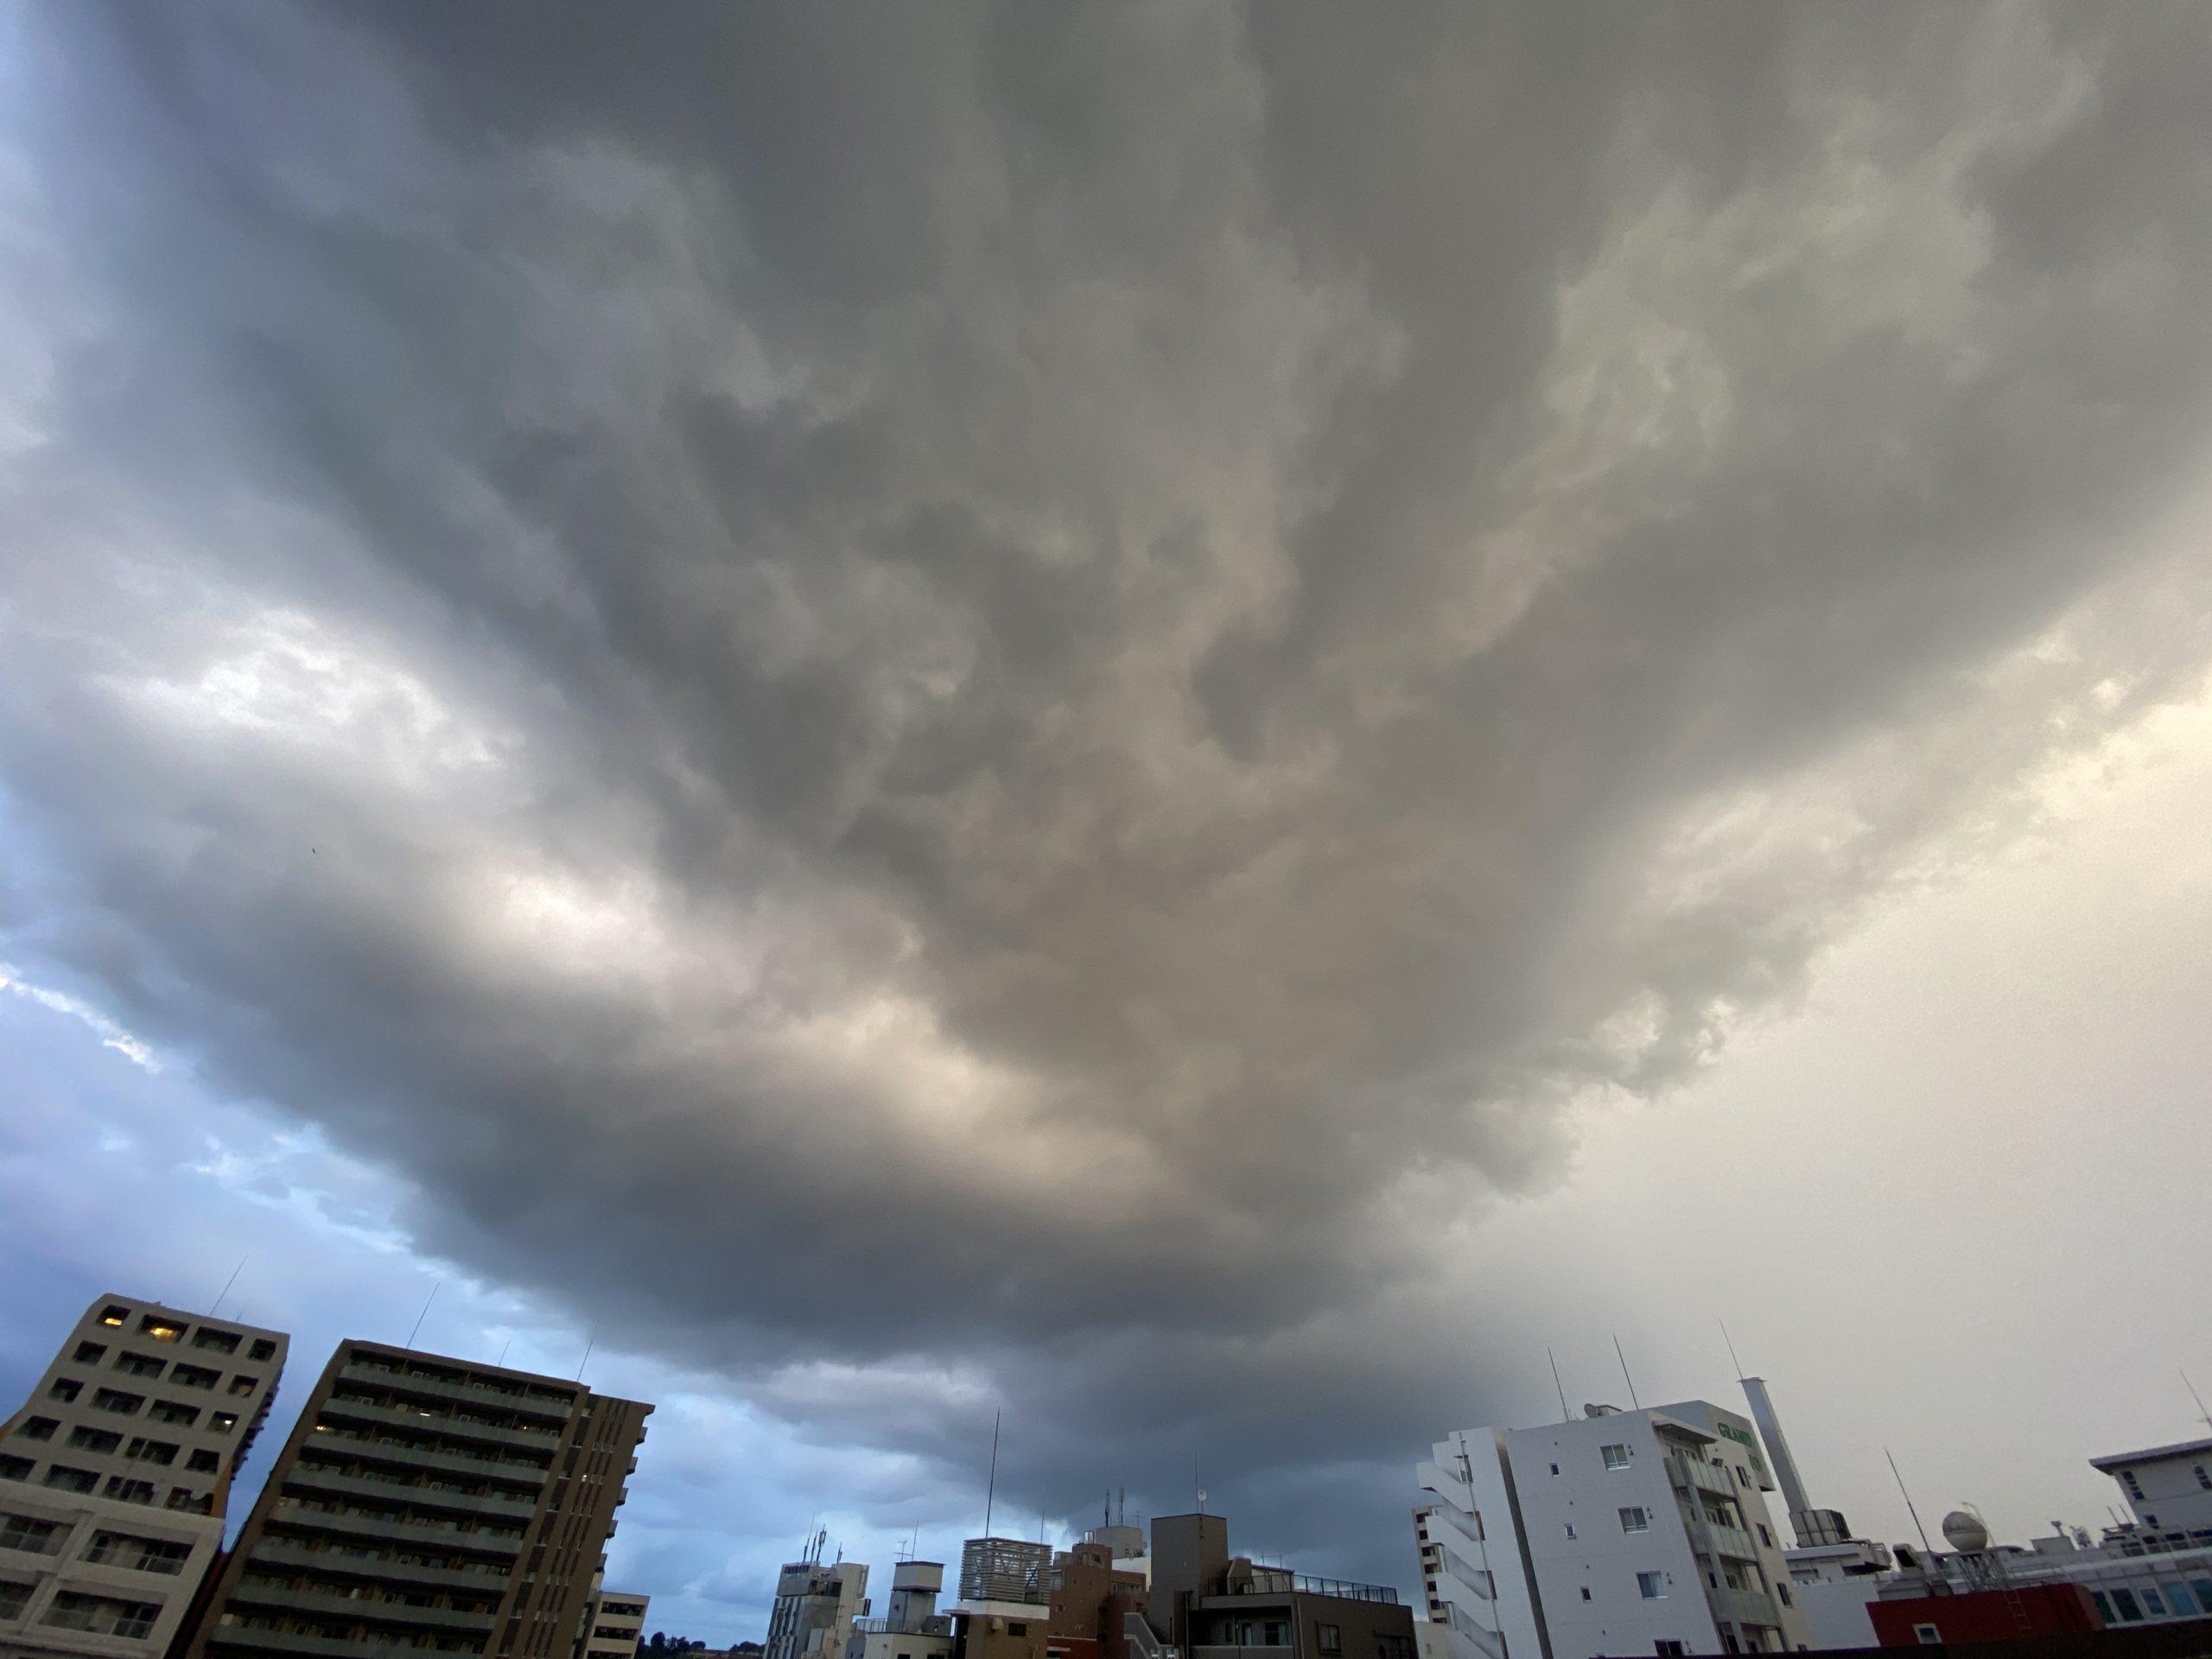 200905 clouds